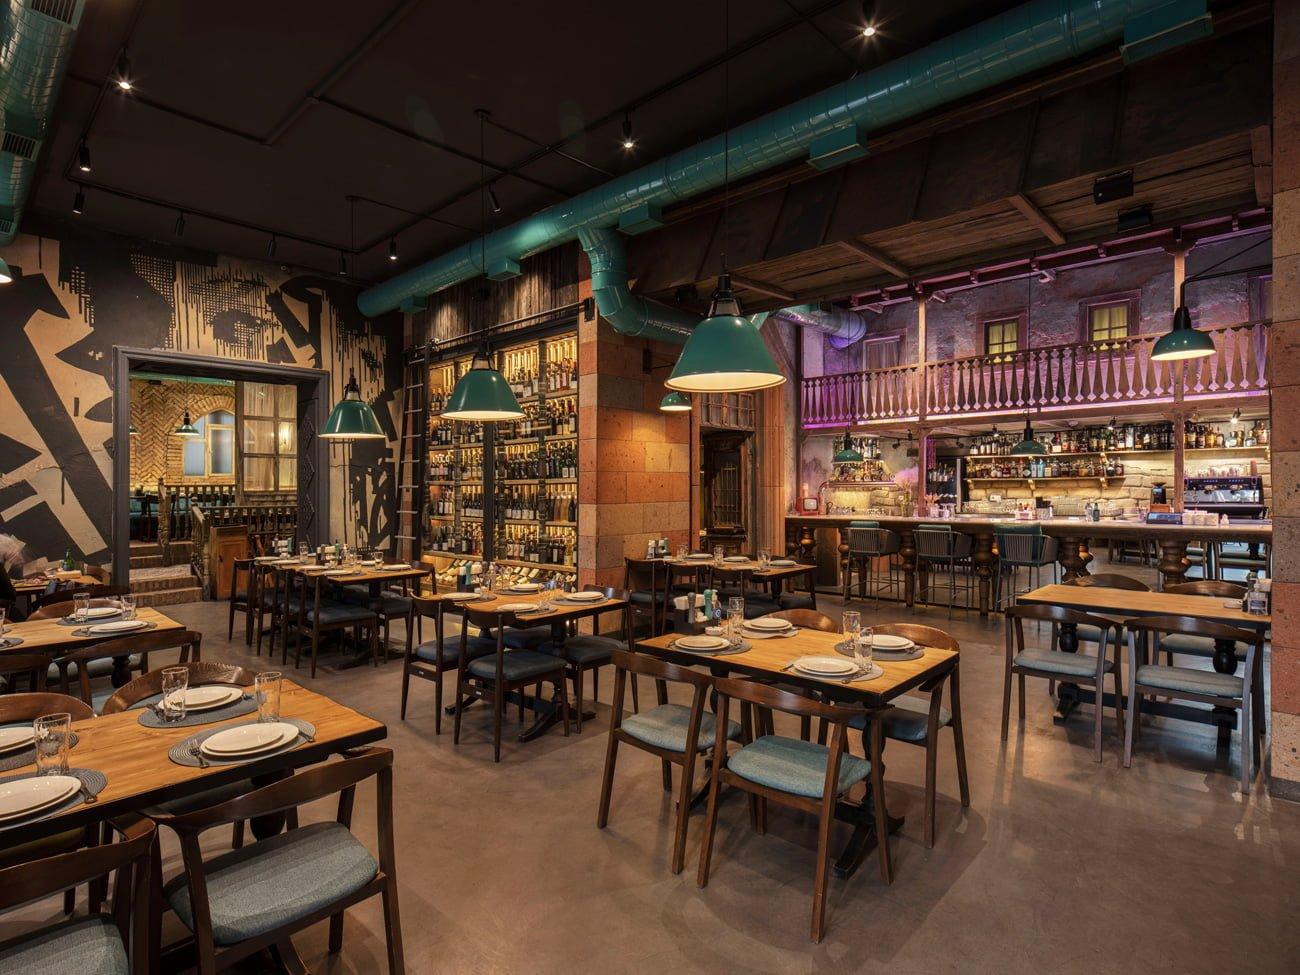 фото интерьера основного зала ресторана Ктур с барной стойкой и винным шкафом